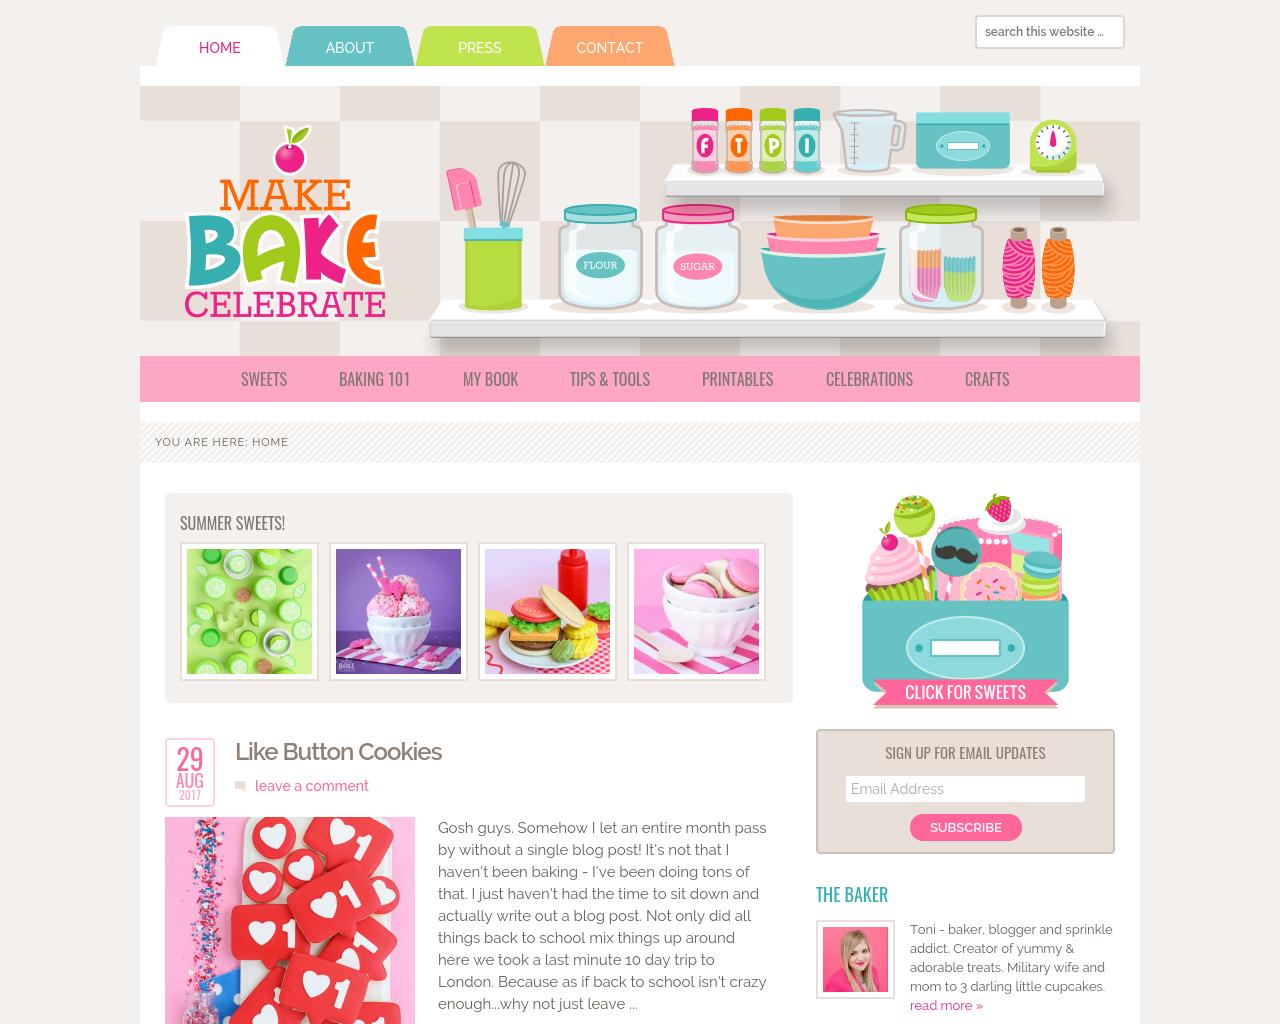 Make-Bake-Celebrate-Advertising-Reviews-Pricing